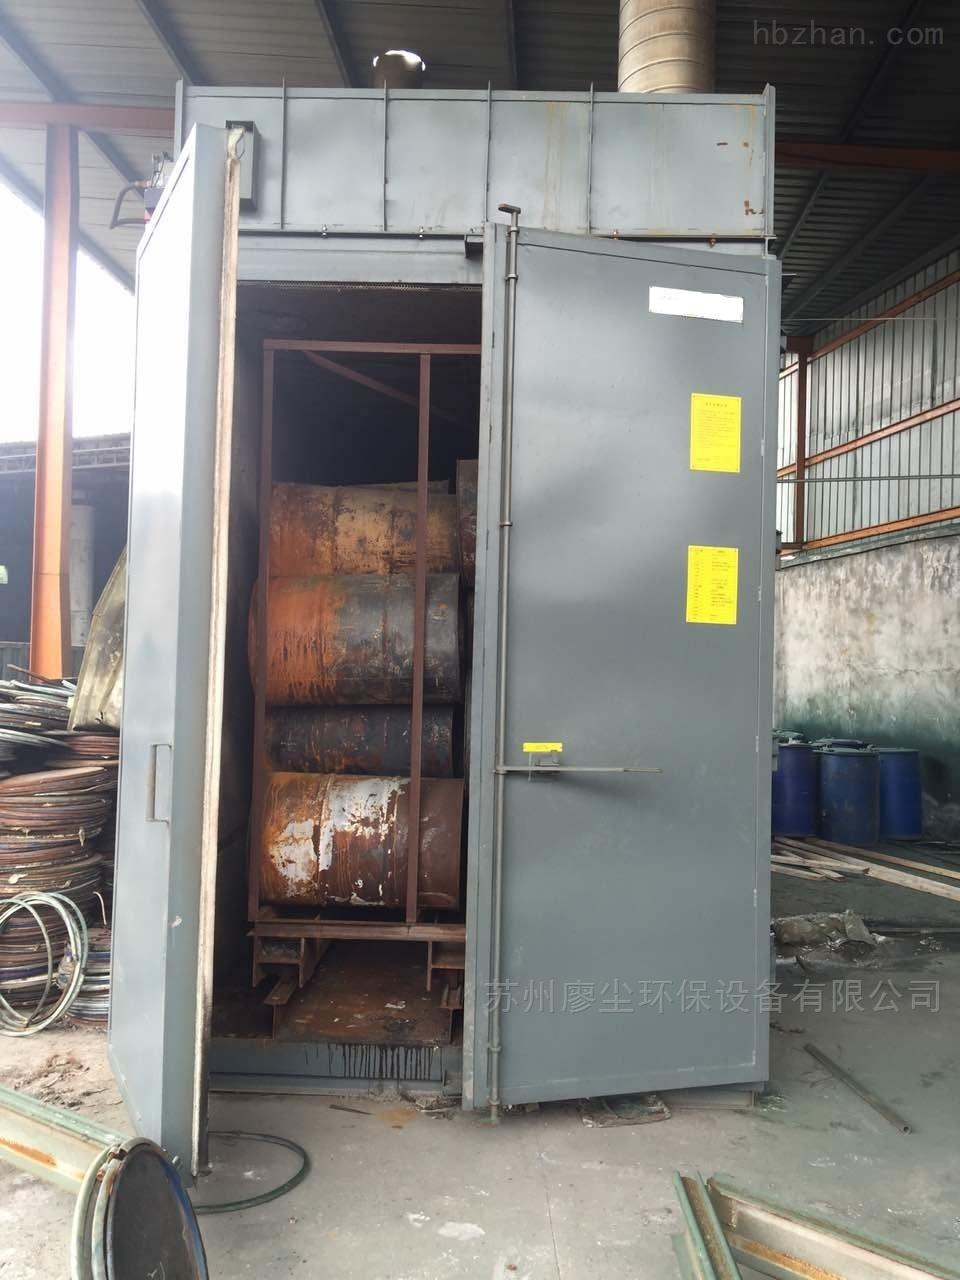 油漆桶热洁炉